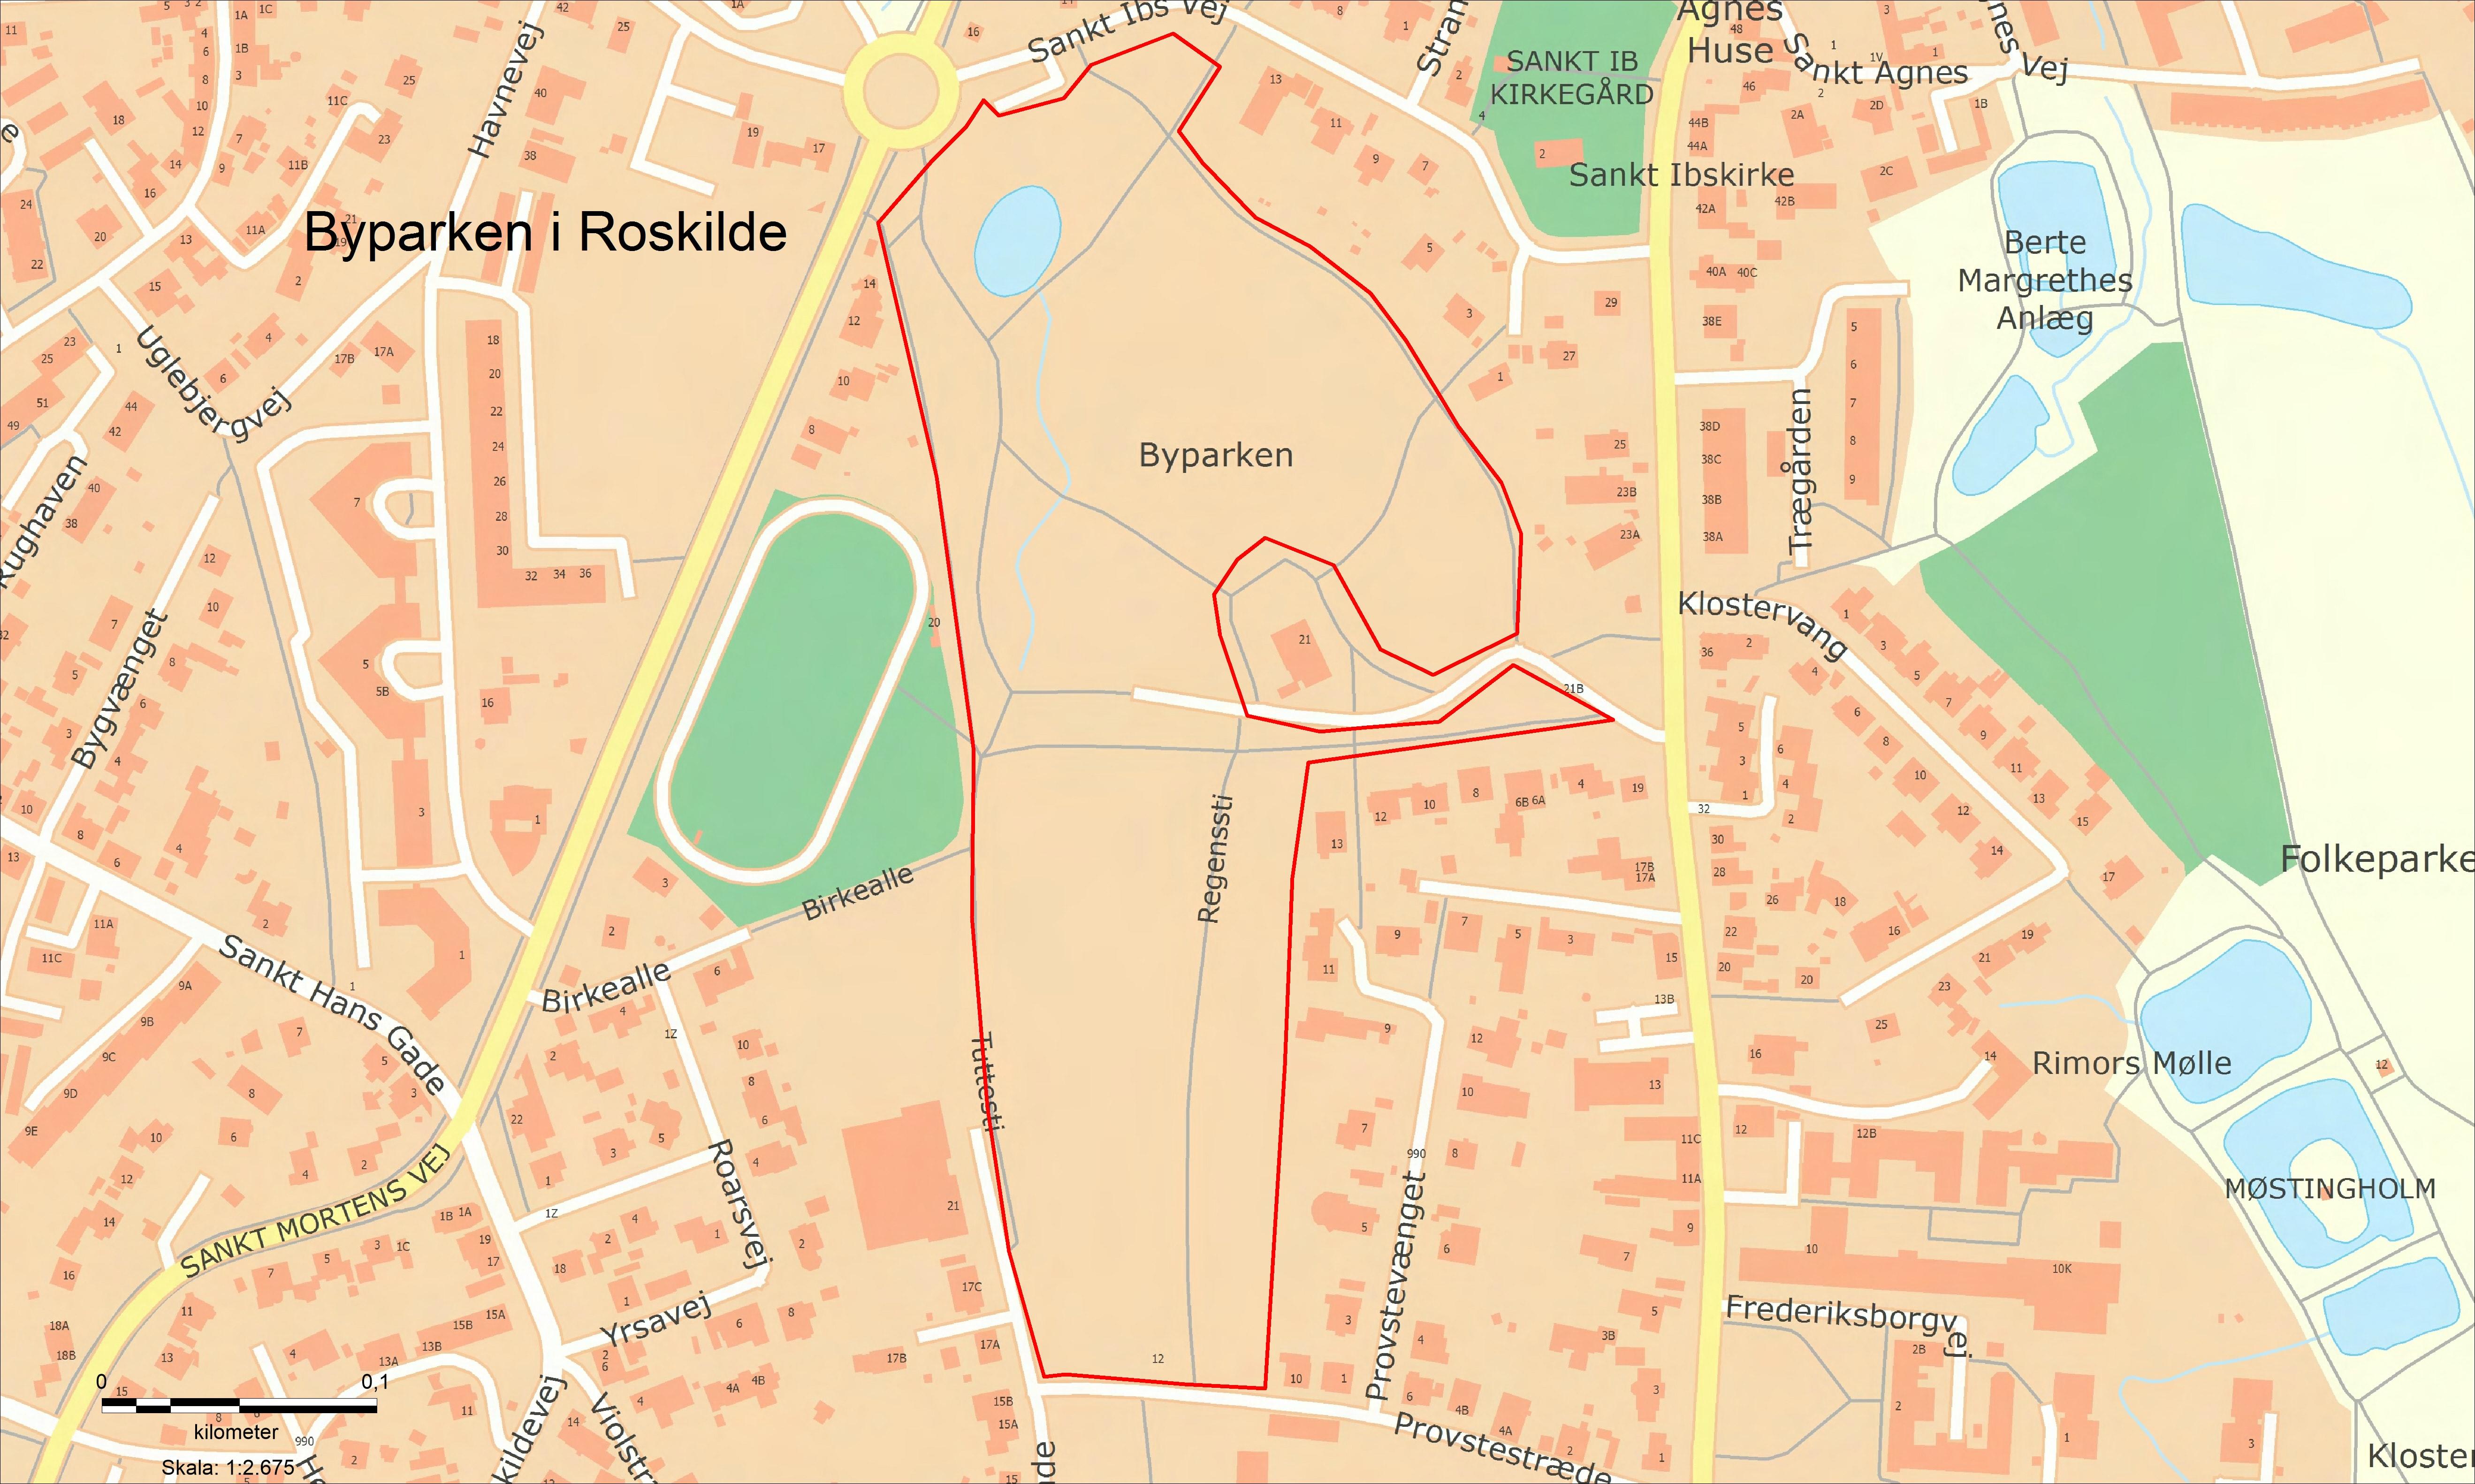 Opholdsforbud Byparken i Roskilde